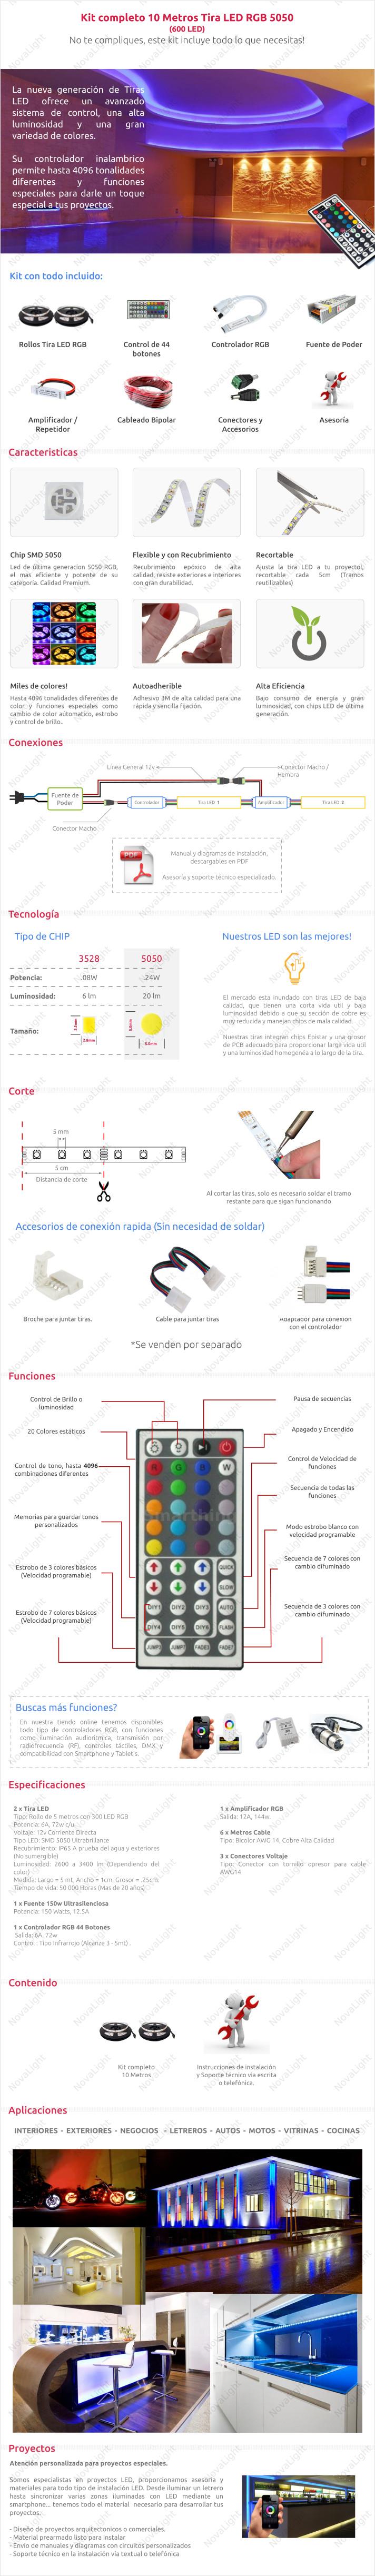 Descripción del articulo de tira LED RGB 10 metros Kit Completo